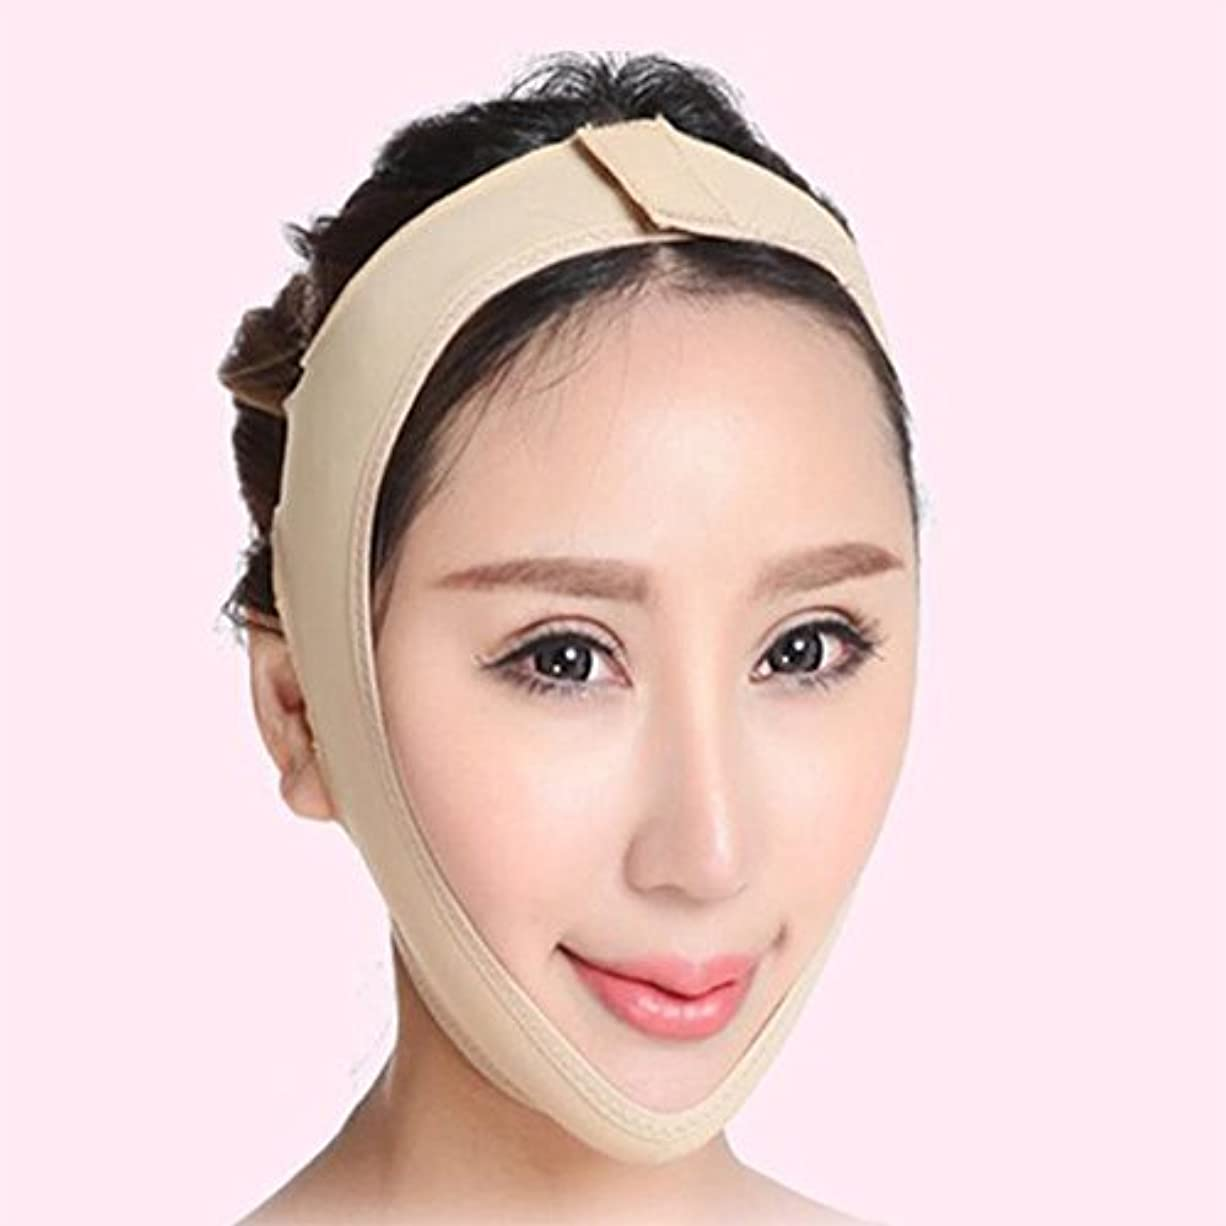 バーベキュー不利症状SD 小顔 小顔マスク リフトアップ マスク フェイスライン 矯正 あご シャープ メンズ レディース Sサイズ AZD15003-S